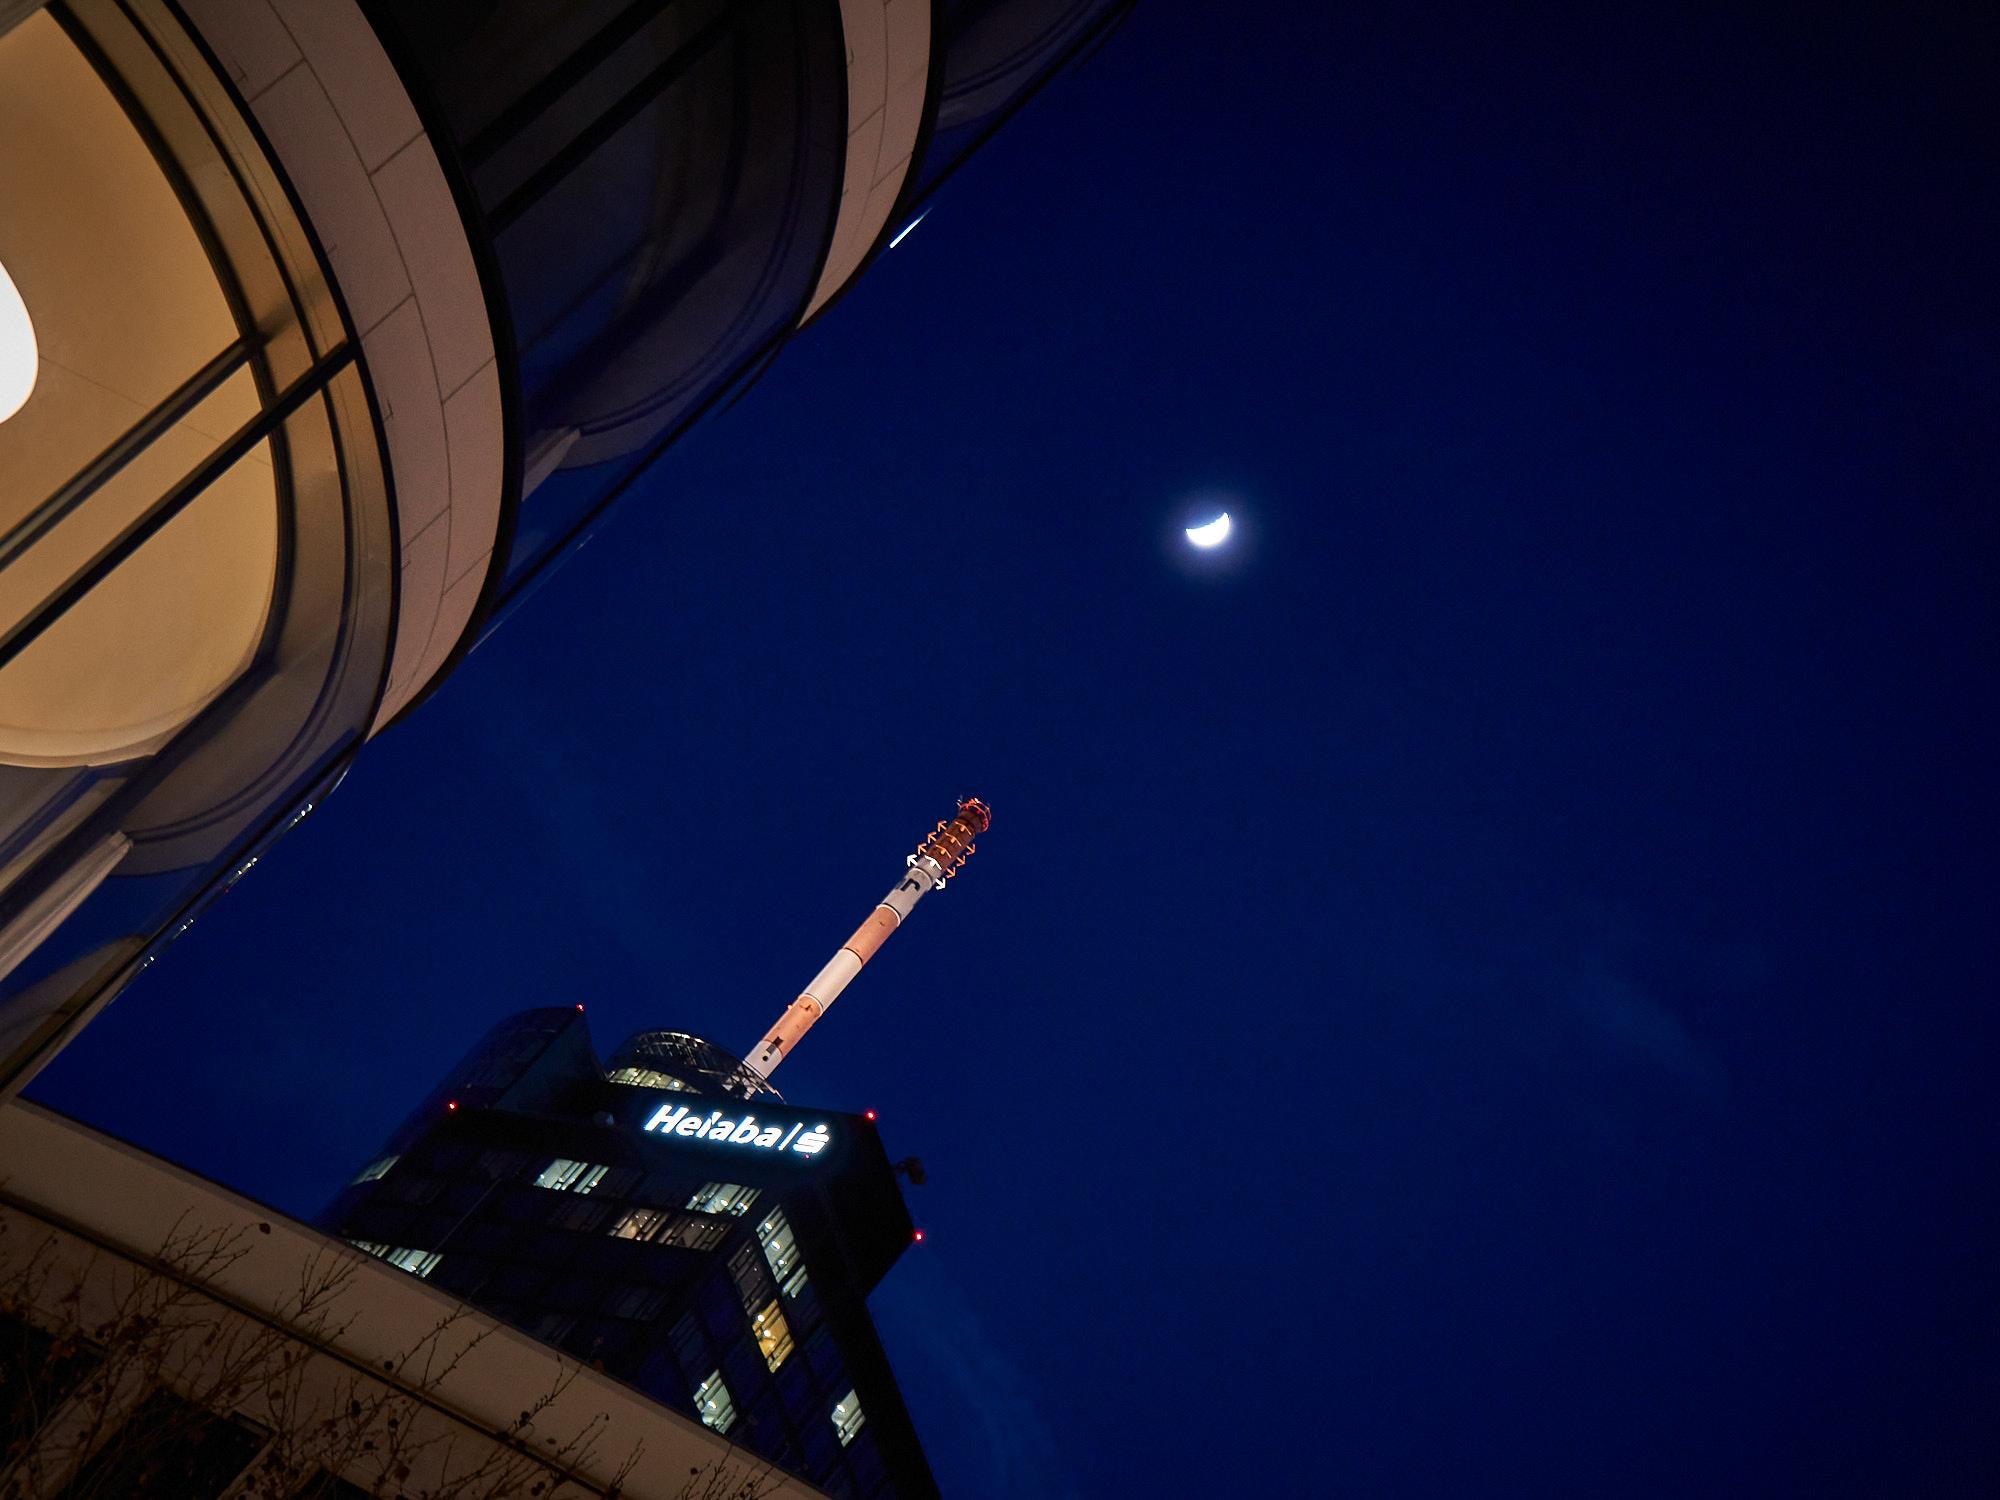 Maintower-Mond